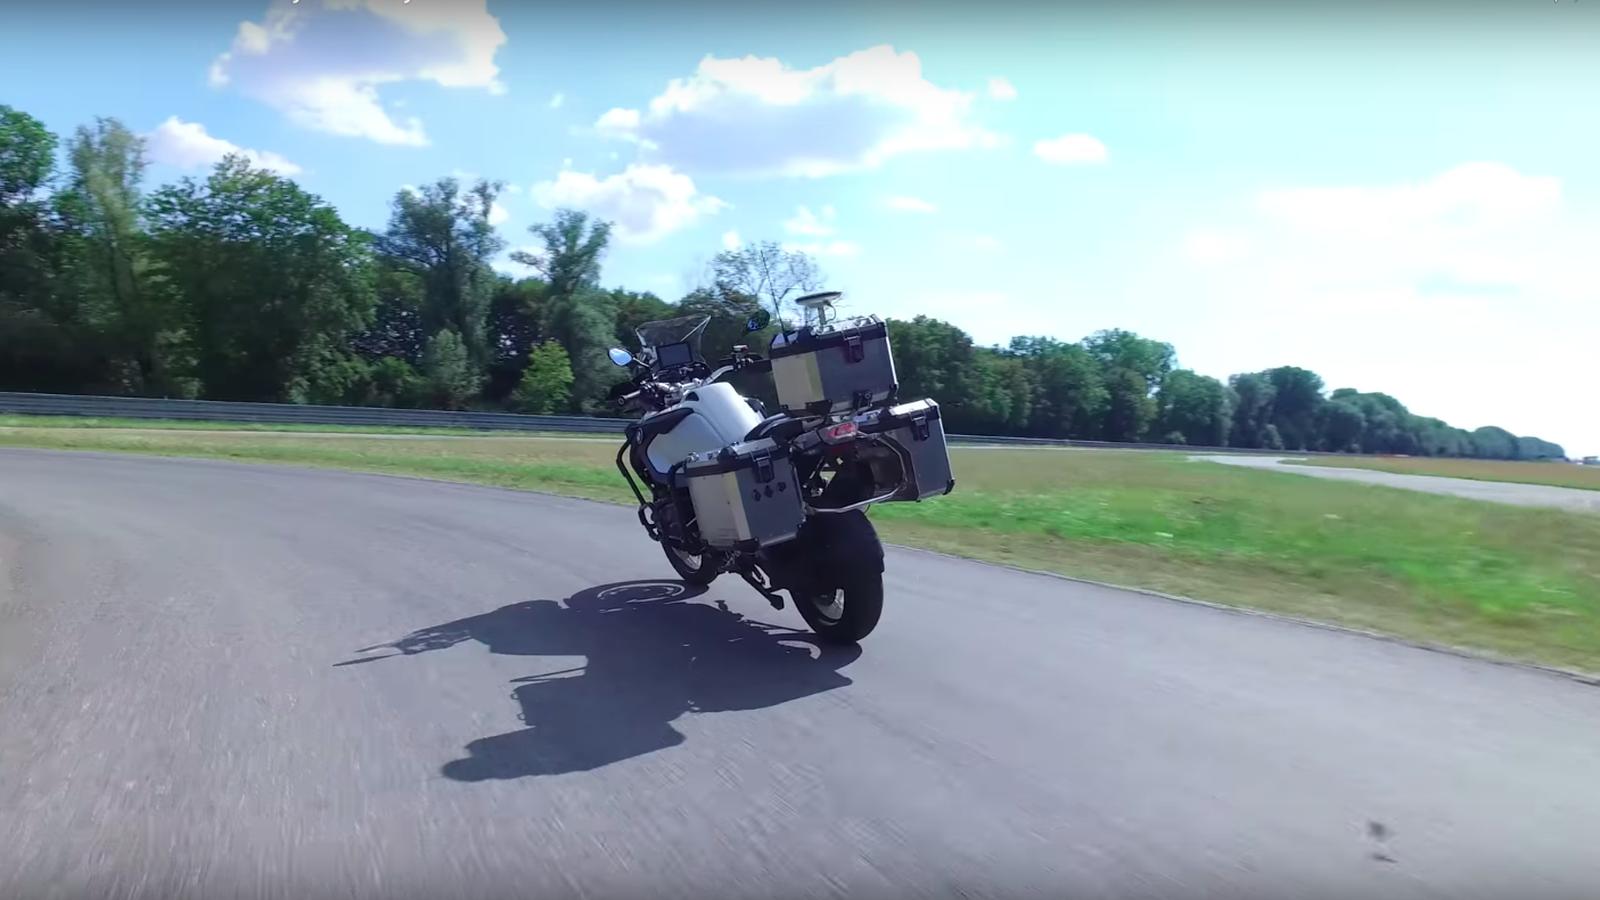 BMW napravio samovozeći motocikl (video)